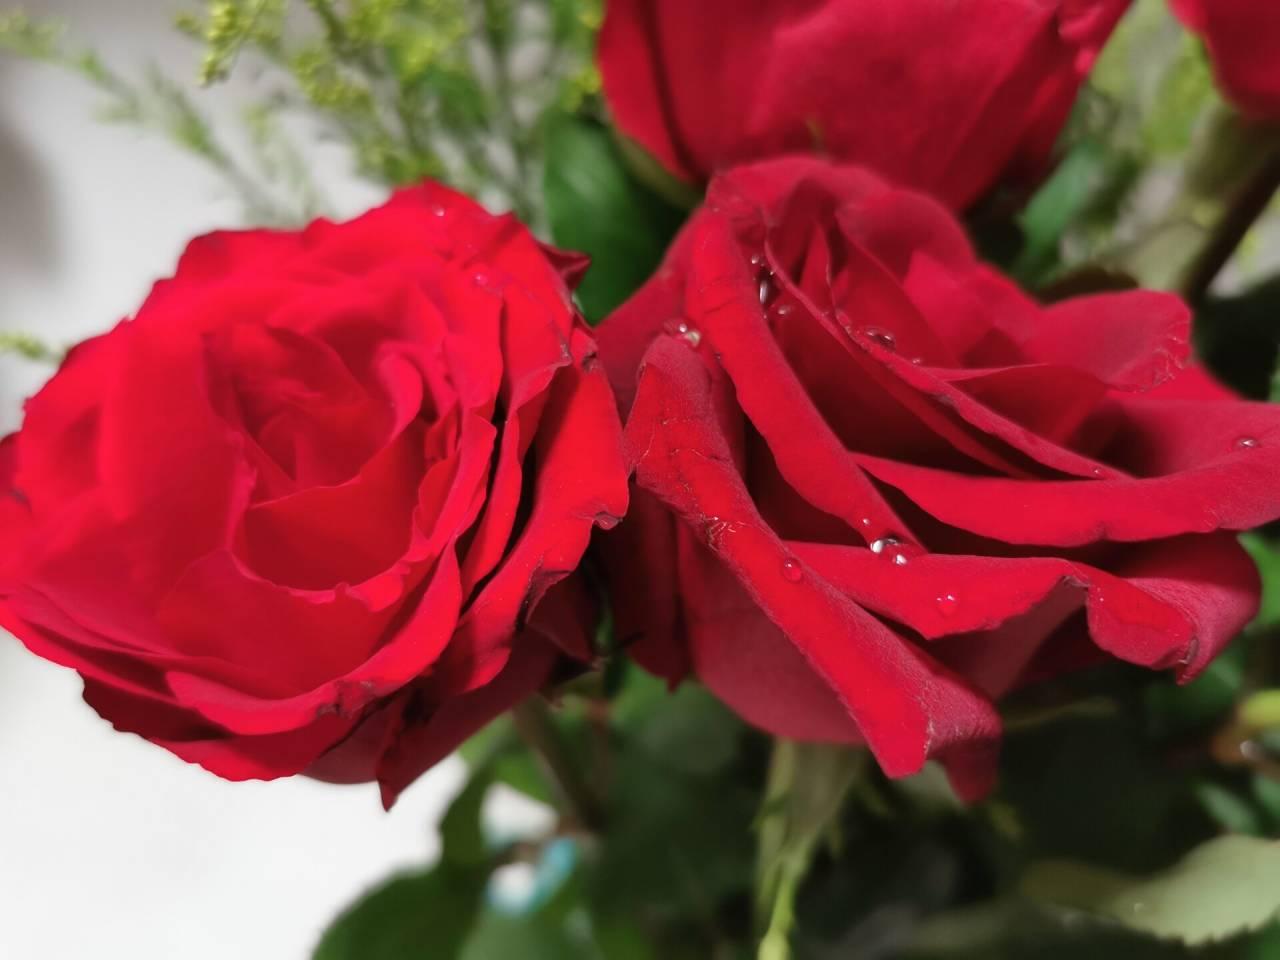 看花老眼之瓶中玫瑰5.jpg